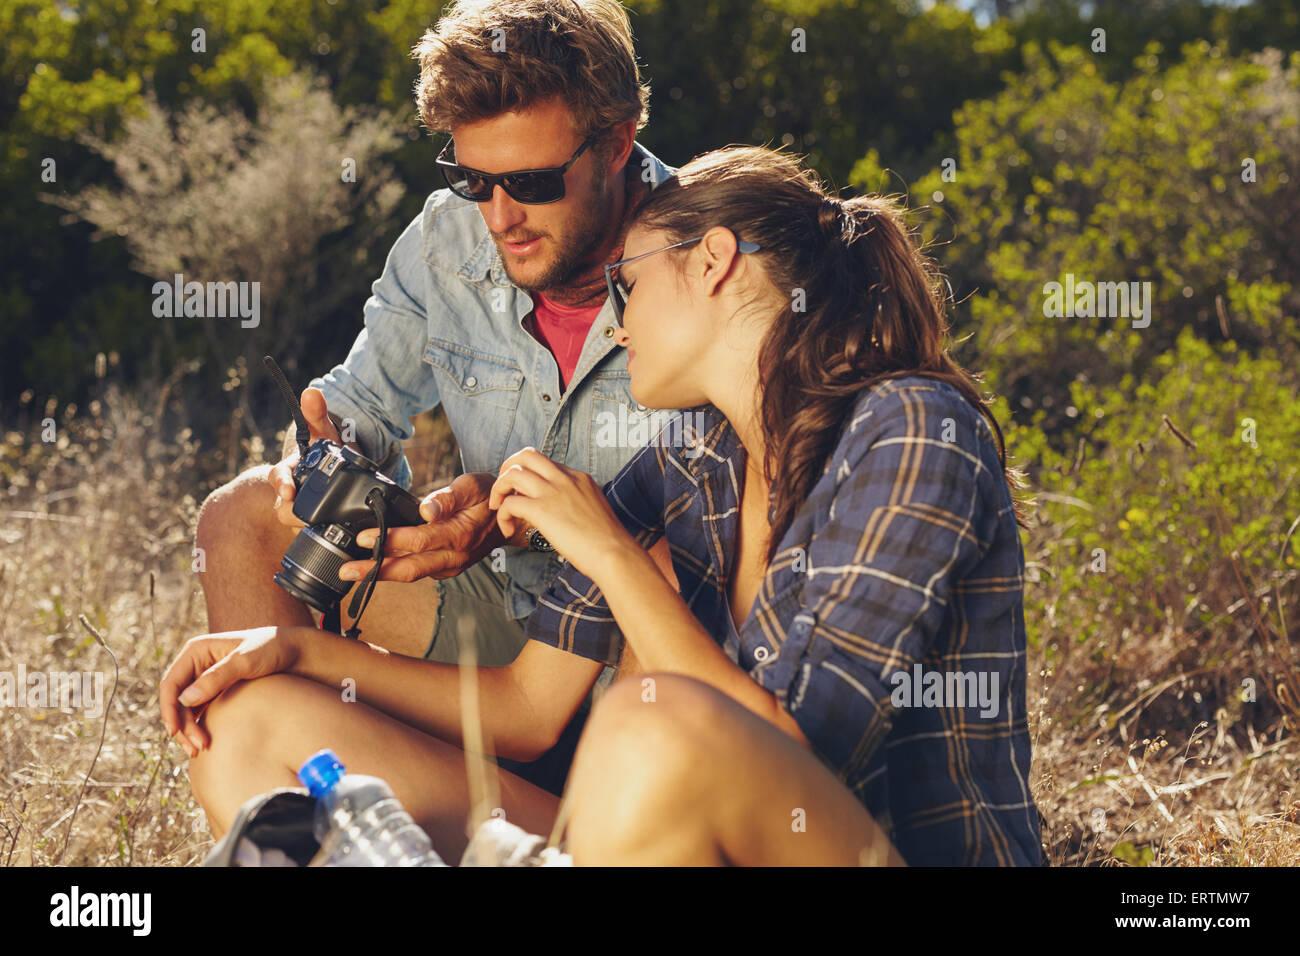 Young couple outdoors ainsi regarder des images sur l'appareil photo numérique. Jeune homme femme sur randonnées Photo Stock